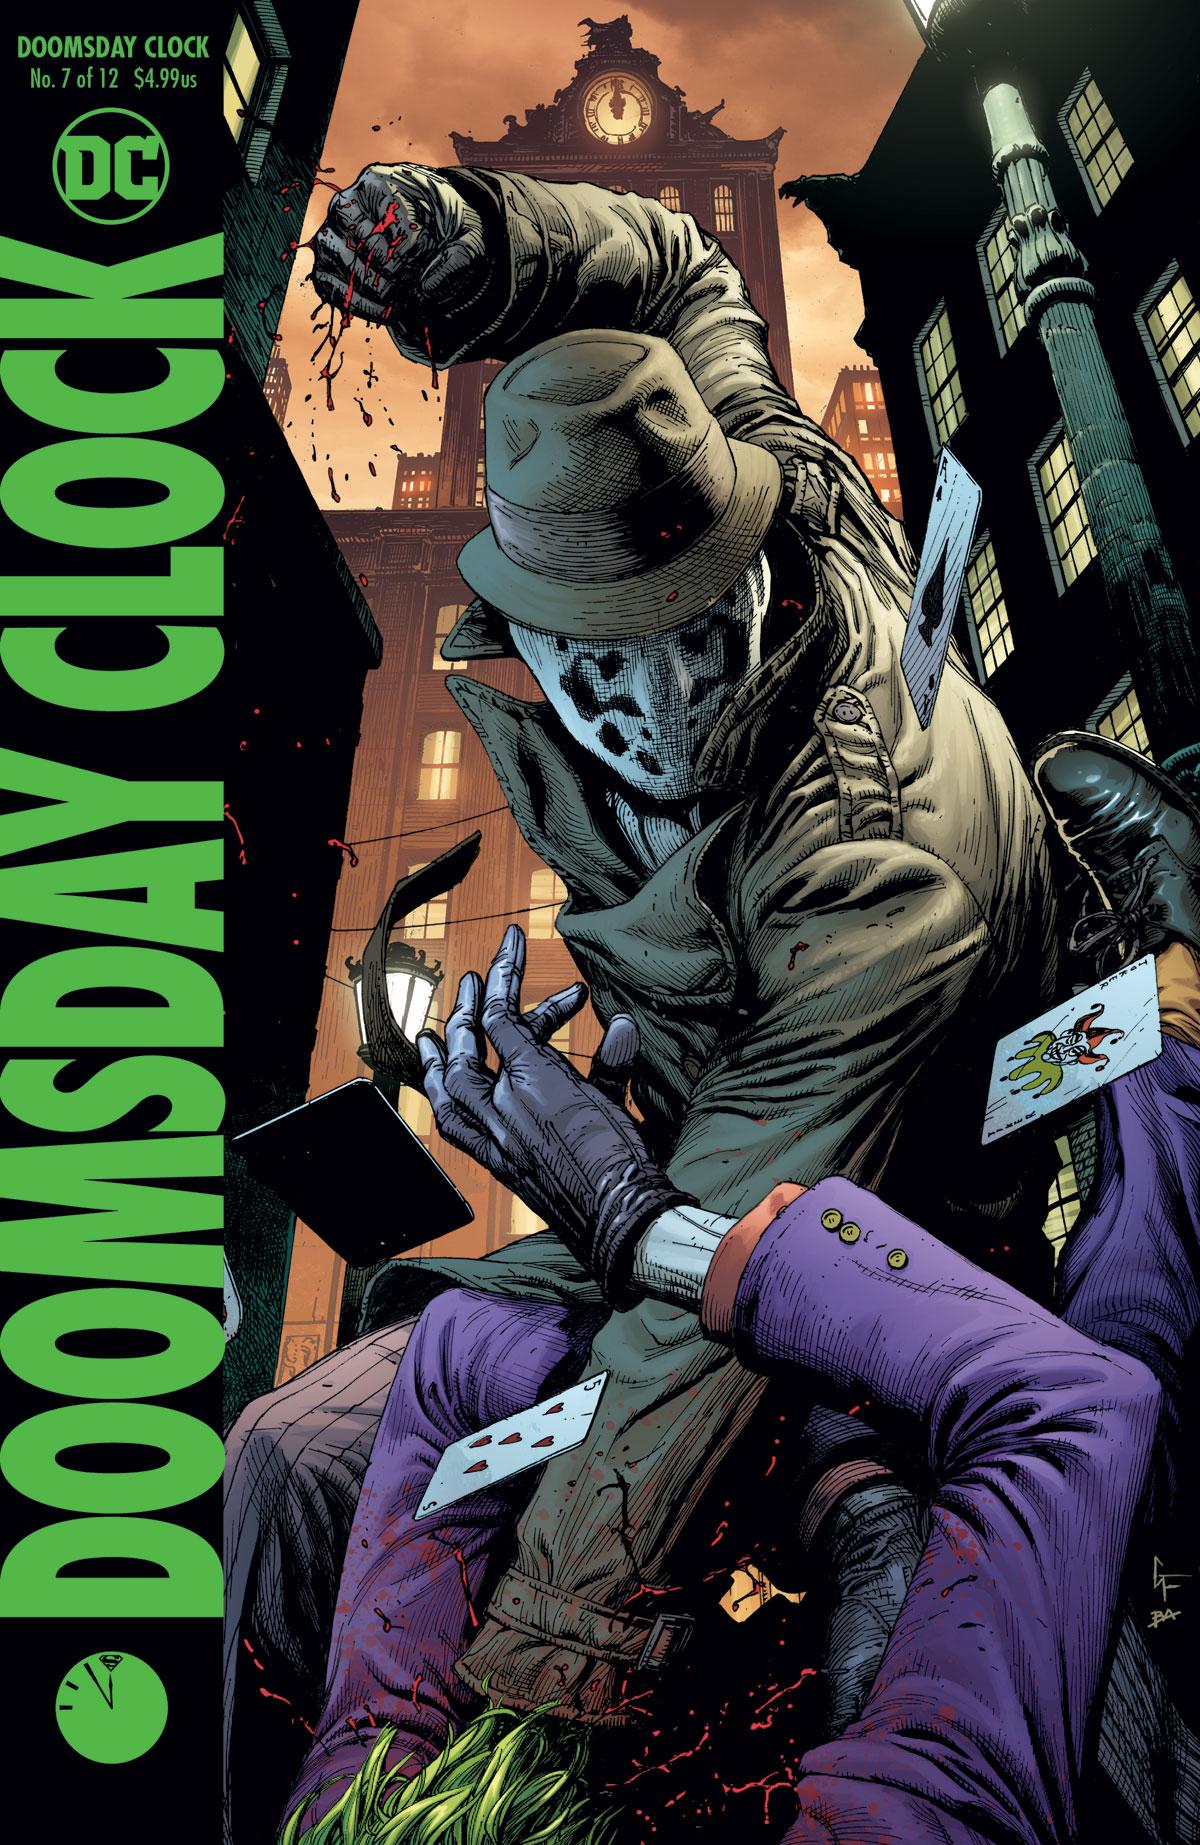 Doomsday Clock 7 Rorschach cover